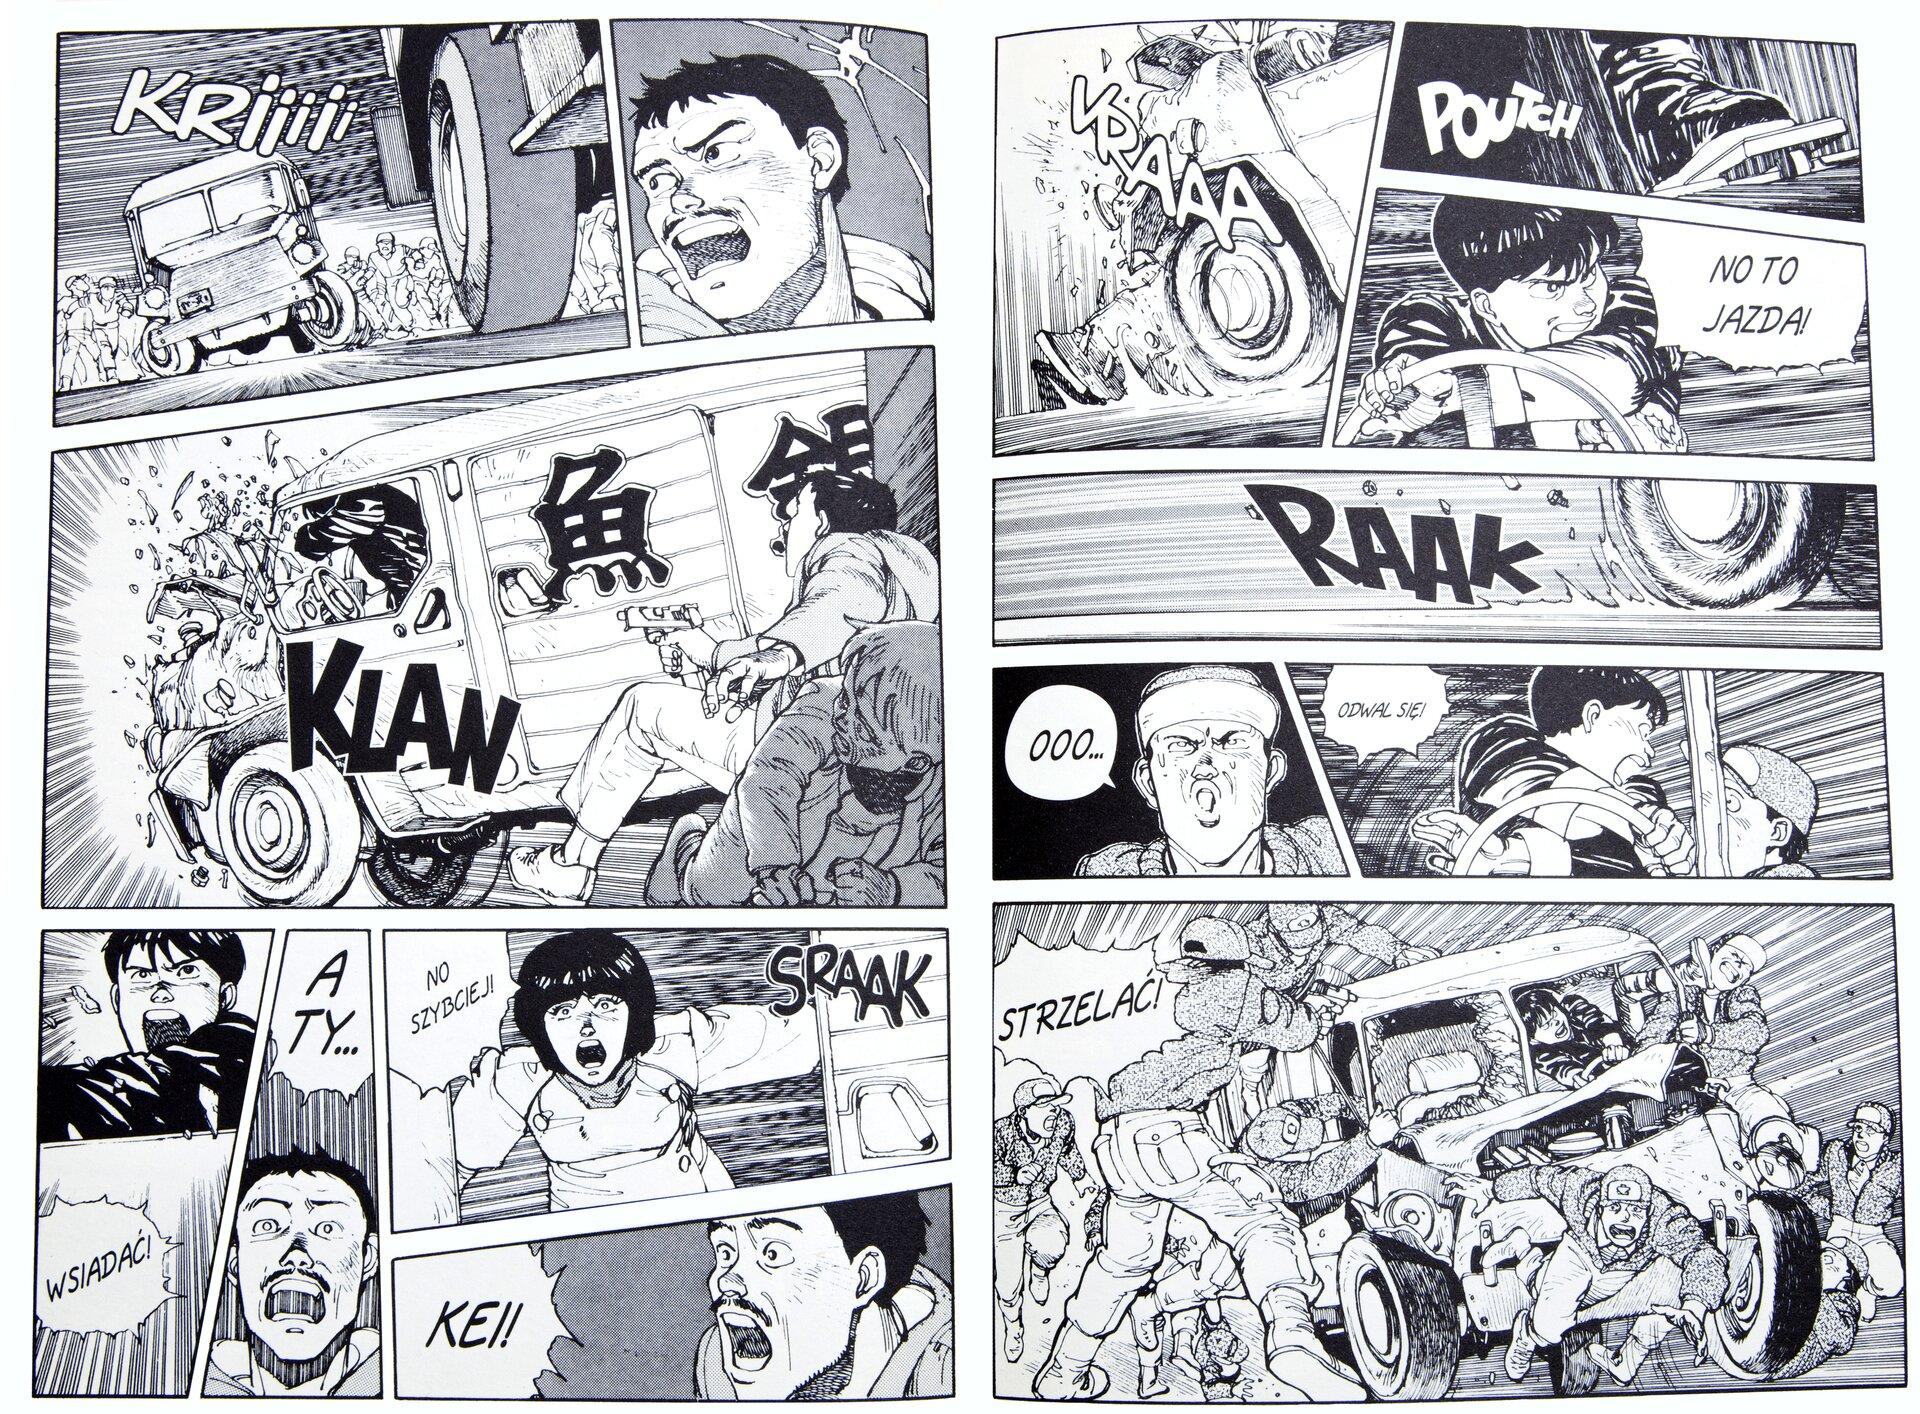 """Ilustracja przedstawia rysunki zkomiksu """"Akira, t. 1: Wypadek Tetsuo"""", wktórych znajdują się wyrazy dźwiękonaśladowcze, awdymkach wypowiedzi bohaterów. Pojawiają się onomatopeje: odgłos silnika samochodu """"KRIIIII"""" oraz szorowanie opon po jezdni """"RAAK"""", uderzenie stopy opedał hamulca """"POUTCH"""", dźwięk zderzenia samochodu ze ścianą """"KLAN"""", odgłos gwałtownie otwieranych drzwi furgonetki """"SRAAK"""". Wdymkach natomiast znajdują się: słowa kierowcy """"NO TO JAZDA"""" oraz """"ODWAL SIĘ"""" i""""WSIADAĆ"""", atakże wyrażające przerażenie mężczyzny """"OOO"""", okrzyk kobiety otwierającej drzwi furgonetki """"NO SZYBCIEJ!"""", czy okrzyk jednego zmężczyzn """"STRZELAĆ!"""" Kadry ułożone są nieregularnie, oddają wten sposób dynamikę scen."""